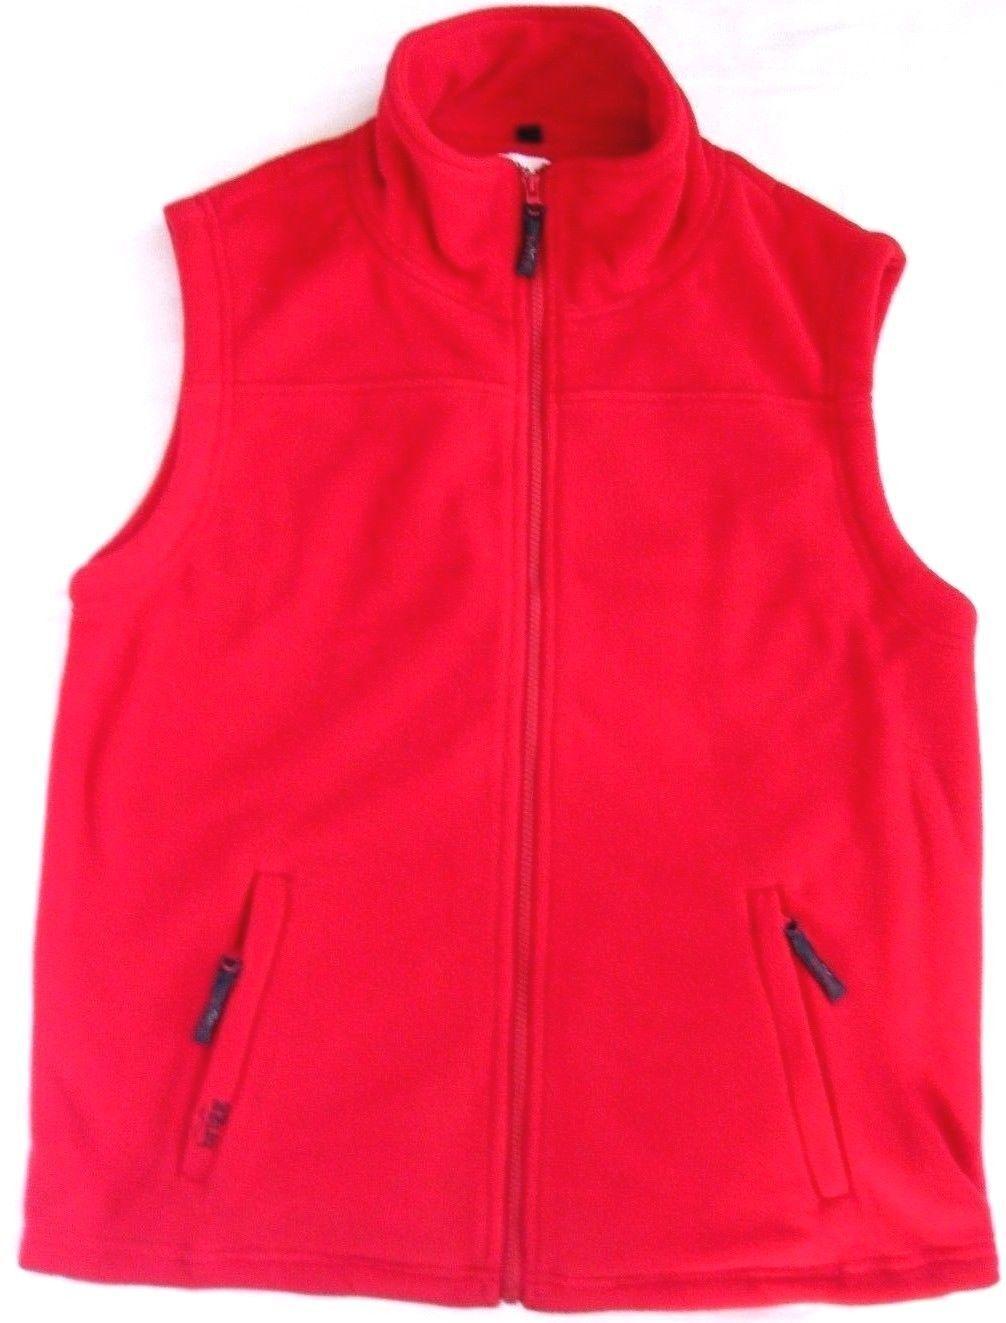 Brigg Weste Fleeceweste Bodywarmer BigGröße Vest unisex unisex unisex Übergröße rot M-8x XL  | Kostengünstiger  3ae7b2